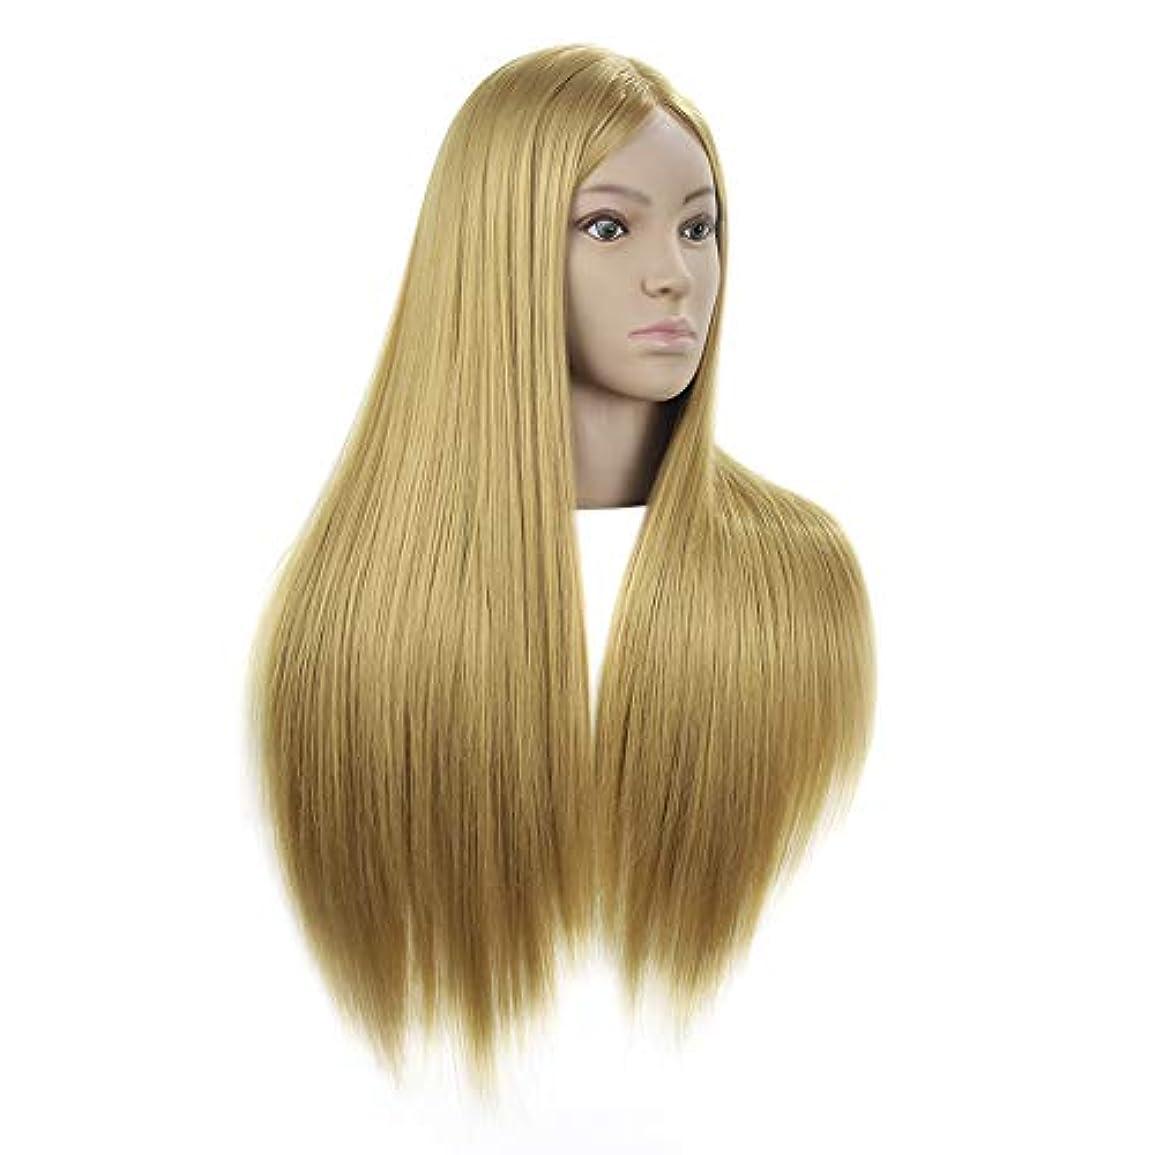 フローティングパラメータドックリアルヘアスタイリングマネキンヘッド女性ヘッドモデル教育ヘッド理髪店編組ヘア染色学習ダミーヘッド